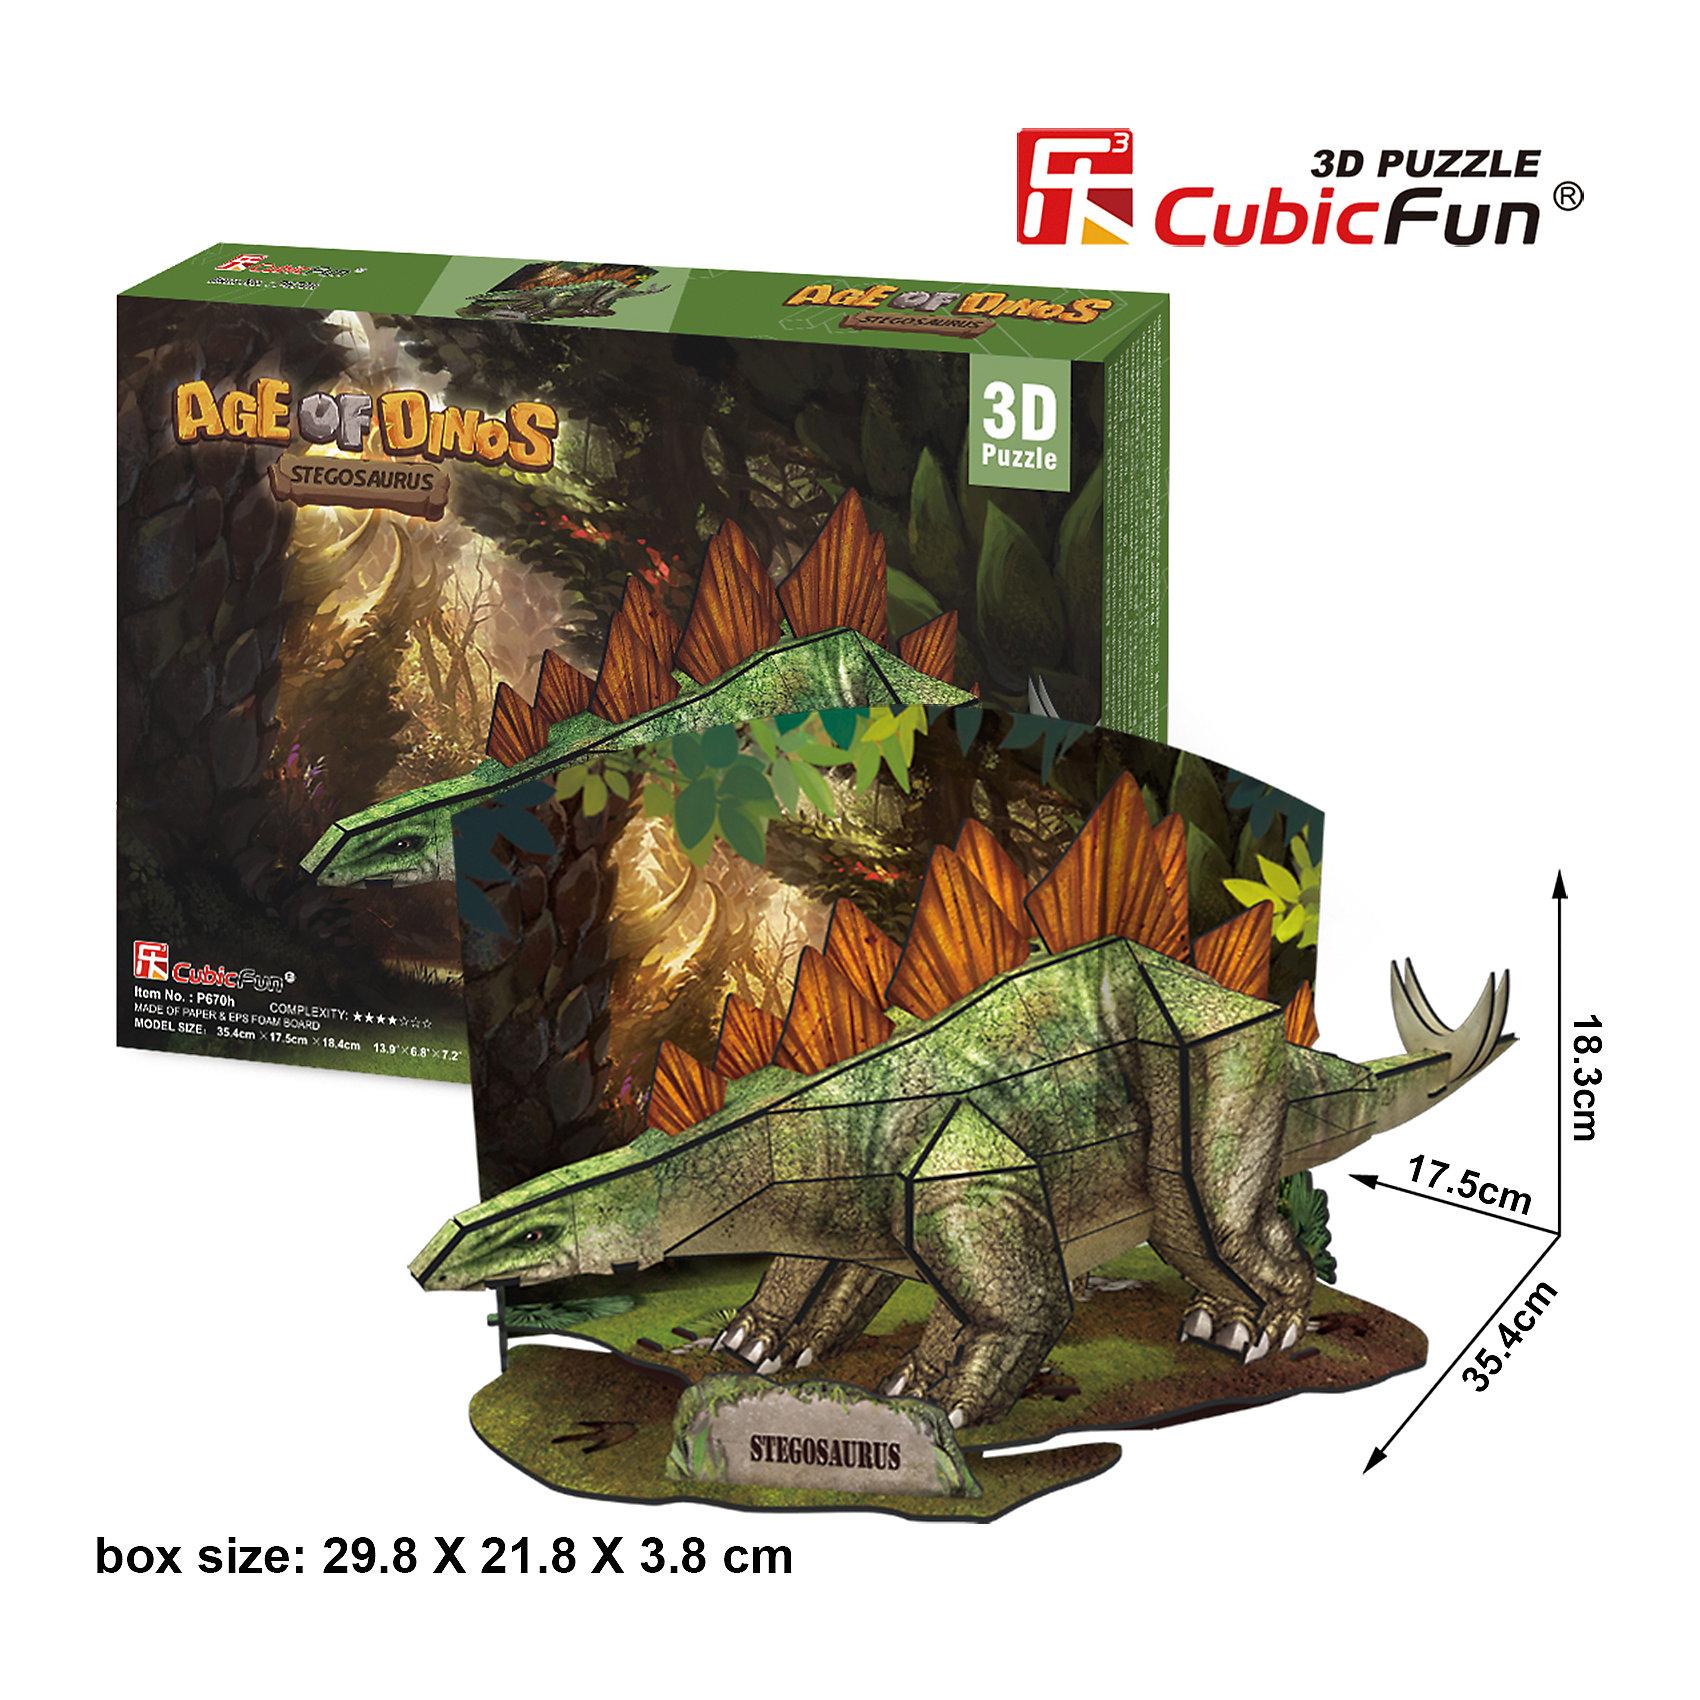 Пазл 3D Эра Динозавров  Стегозавр, CubicFun3D пазлы<br>Стегозавры относились к травоядным ящерам, узнать их очень легко по двум рядам больших костяных пластин вдоль позвоночника. Соединив 49 деталей из высококачественного ламинированного картона, вы получите фигуру стегозавра, стоящего на небольшой полянке посредине доисторического леса.<br><br>Размеры набора в собранном виде достигают 35 сантиметров в длину и 18 в высоту. Для сборки не требуются инструменты и клей.<br><br>Ширина мм: 300<br>Глубина мм: 220<br>Высота мм: 40<br>Вес г: 391<br>Возраст от месяцев: 96<br>Возраст до месяцев: 192<br>Пол: Унисекс<br>Возраст: Детский<br>SKU: 4951160